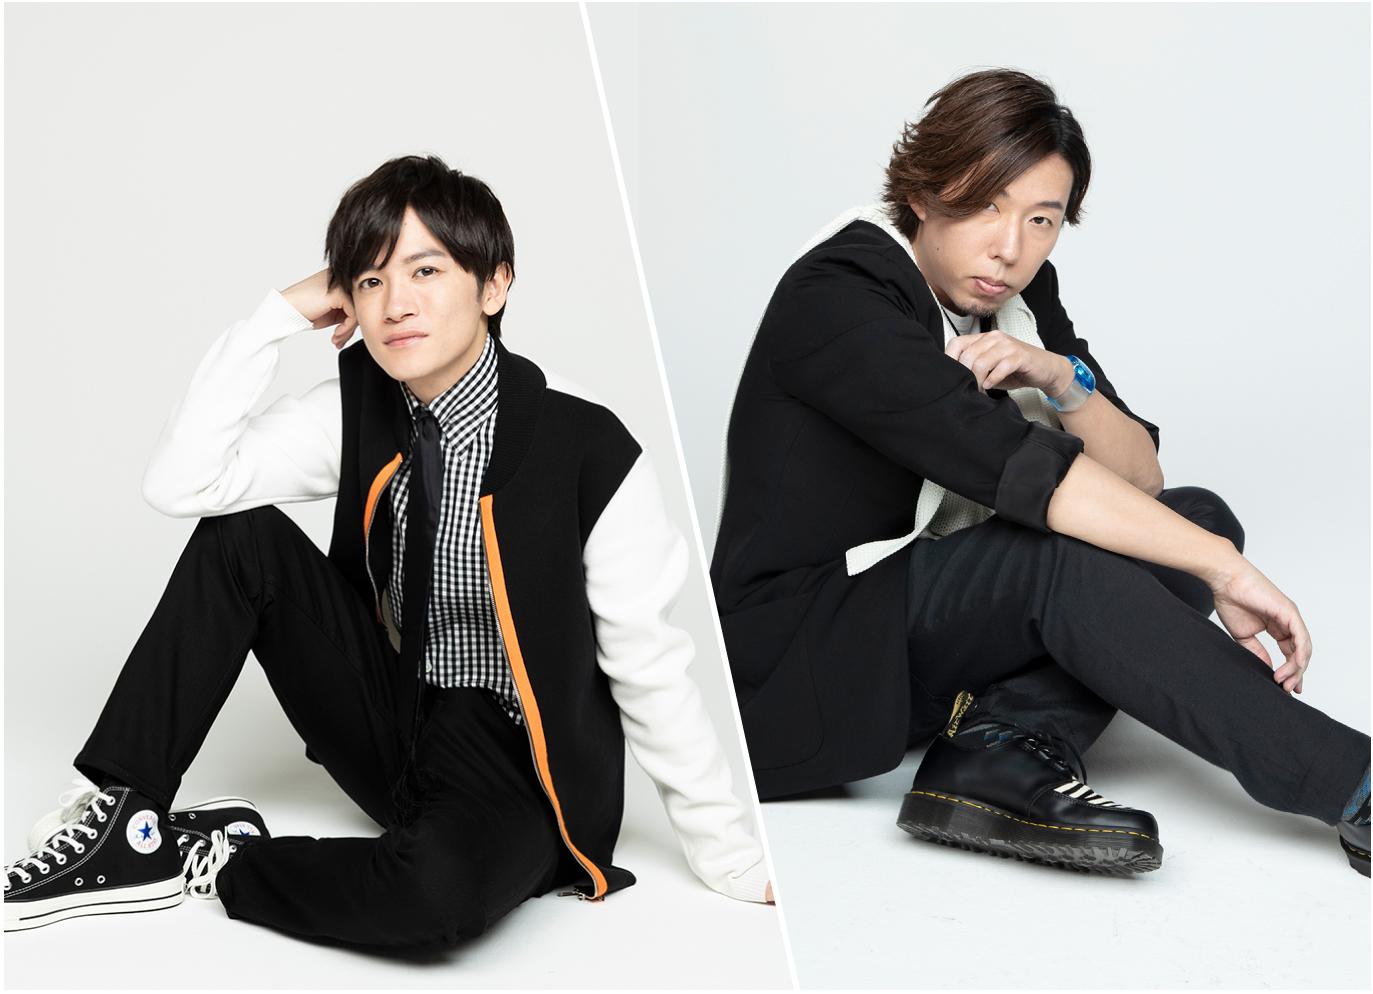 舞台俳優も声優も、ともに刺激し合う。小西成弥/日野 聡が触れた『A3!』の世界